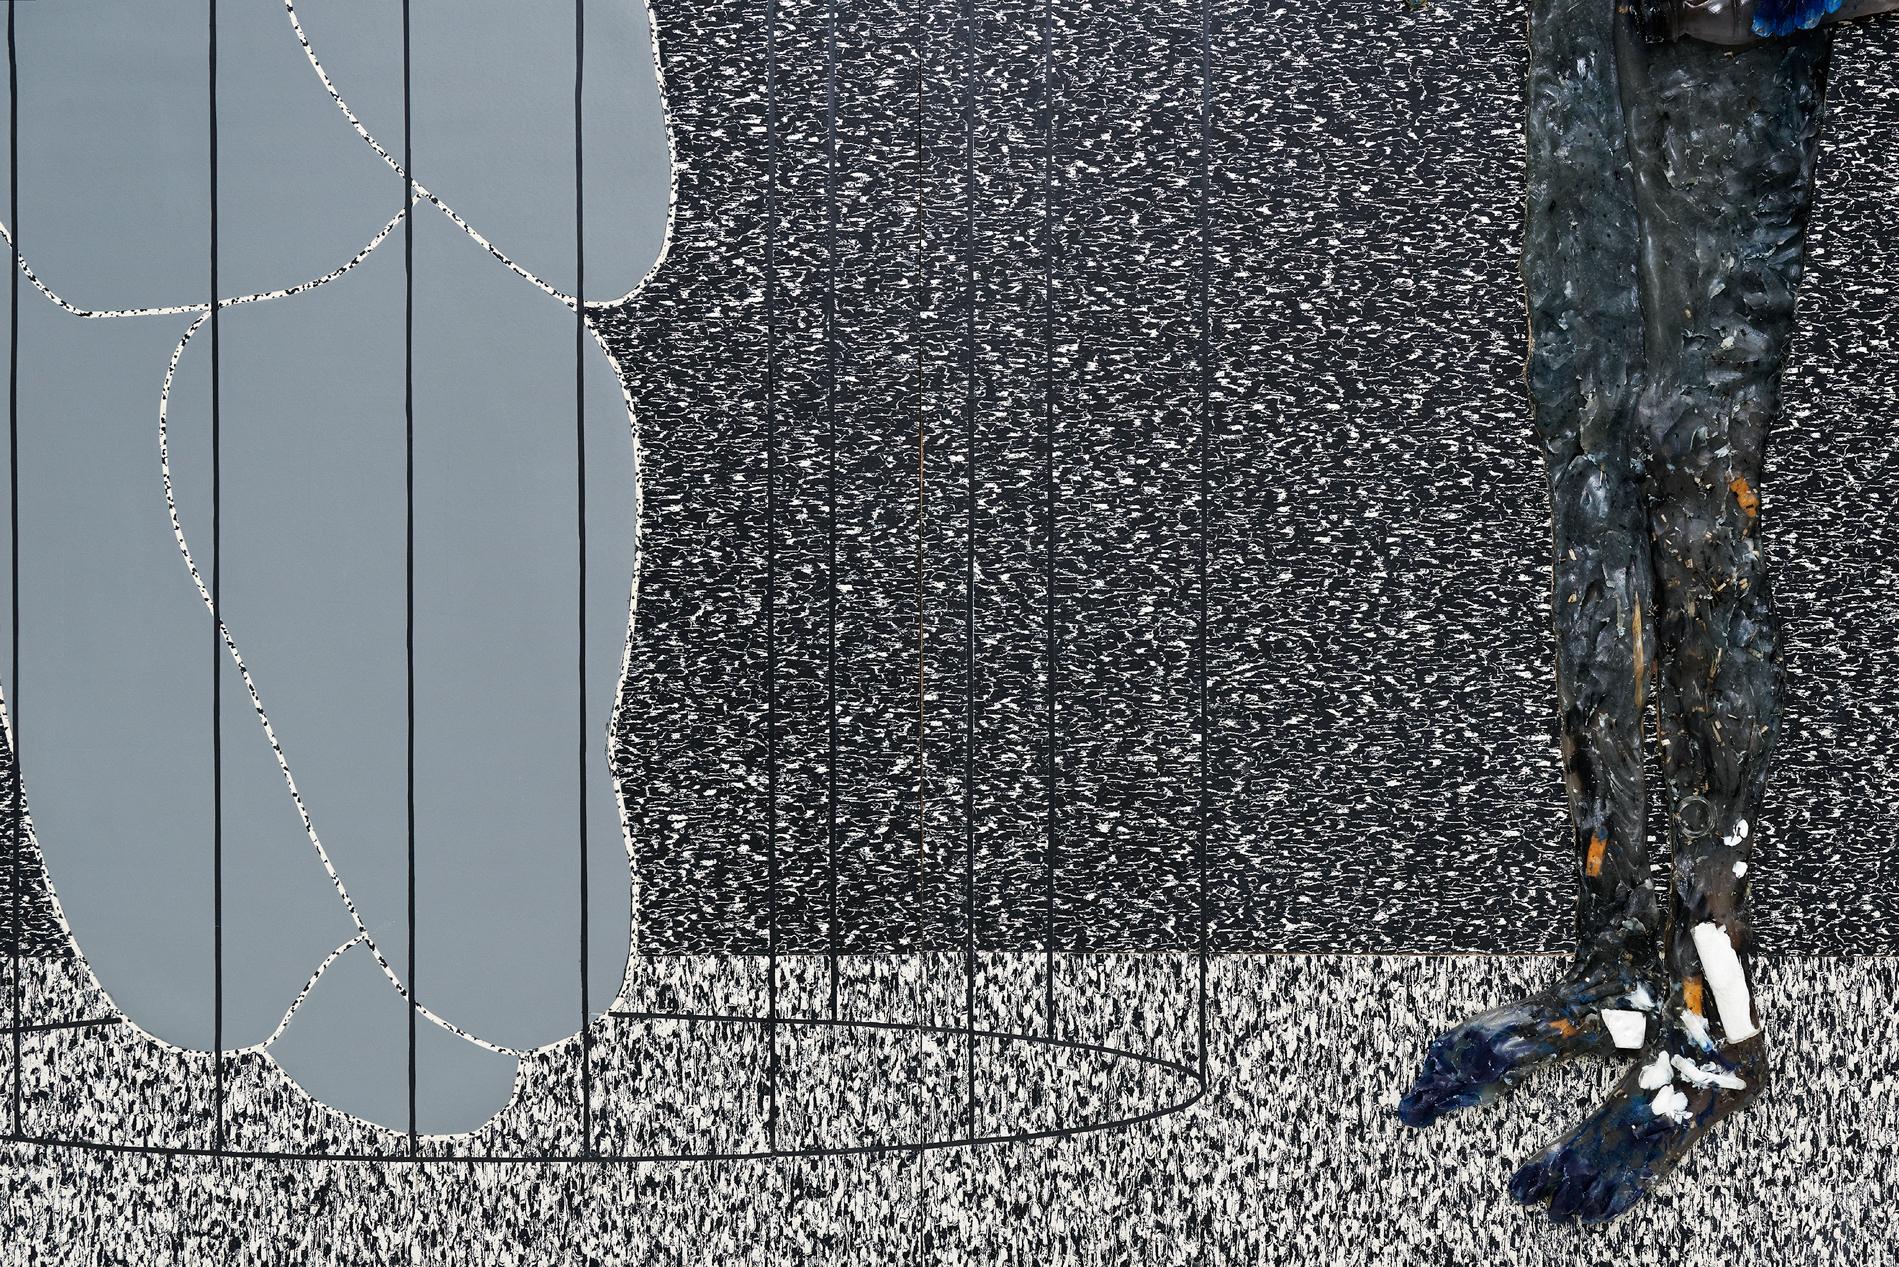 Aline Bouvy    Rub sore, 2015 Linoléum naturel sur bois et résine avec pigments, paille, mégots, pièces de monnaie,200 x 164 cm, détail  Courtesy the artist and Galerie Rabouan Moussion Crédit photo : Aurélien Mole